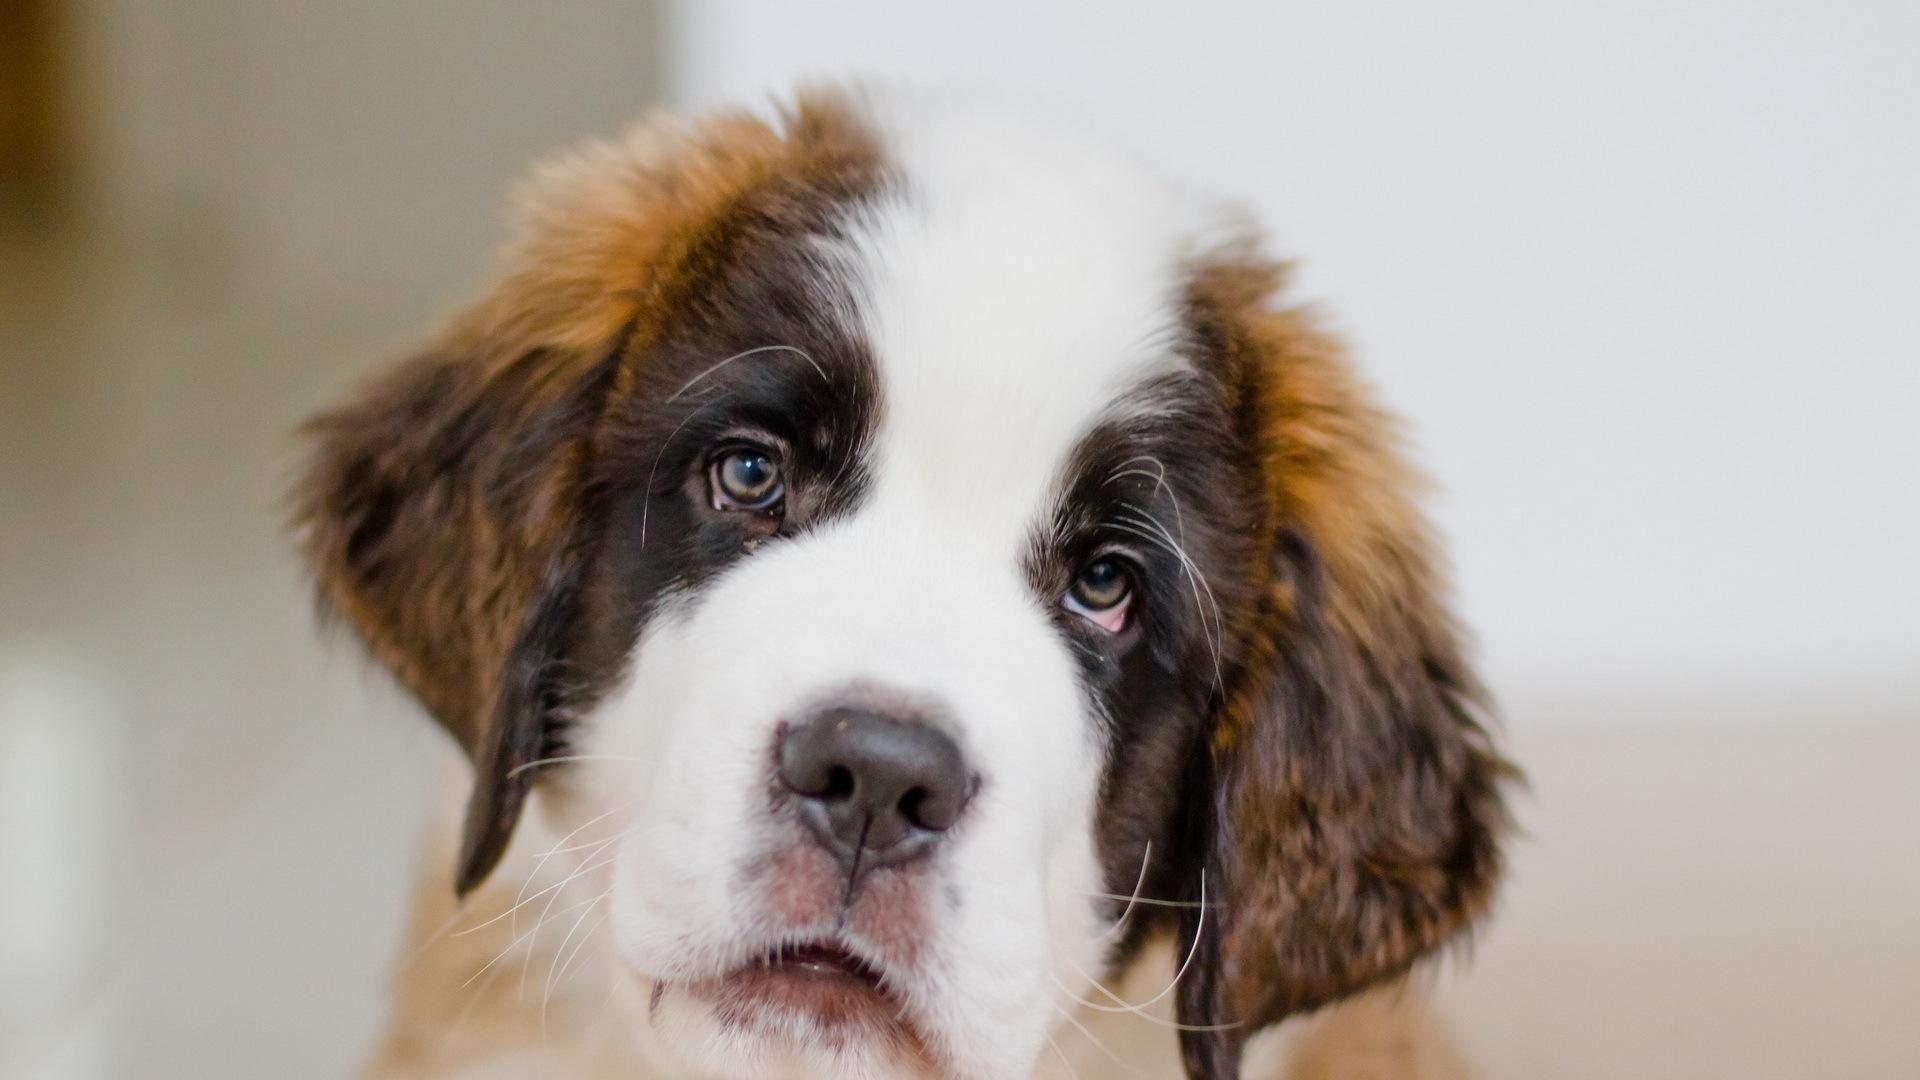 Most Inspiring Saint Bernards Anime Adorable Dog - puppy_st_bernard_face_eyes_57834_1920x1080  Trends_86477  .jpg